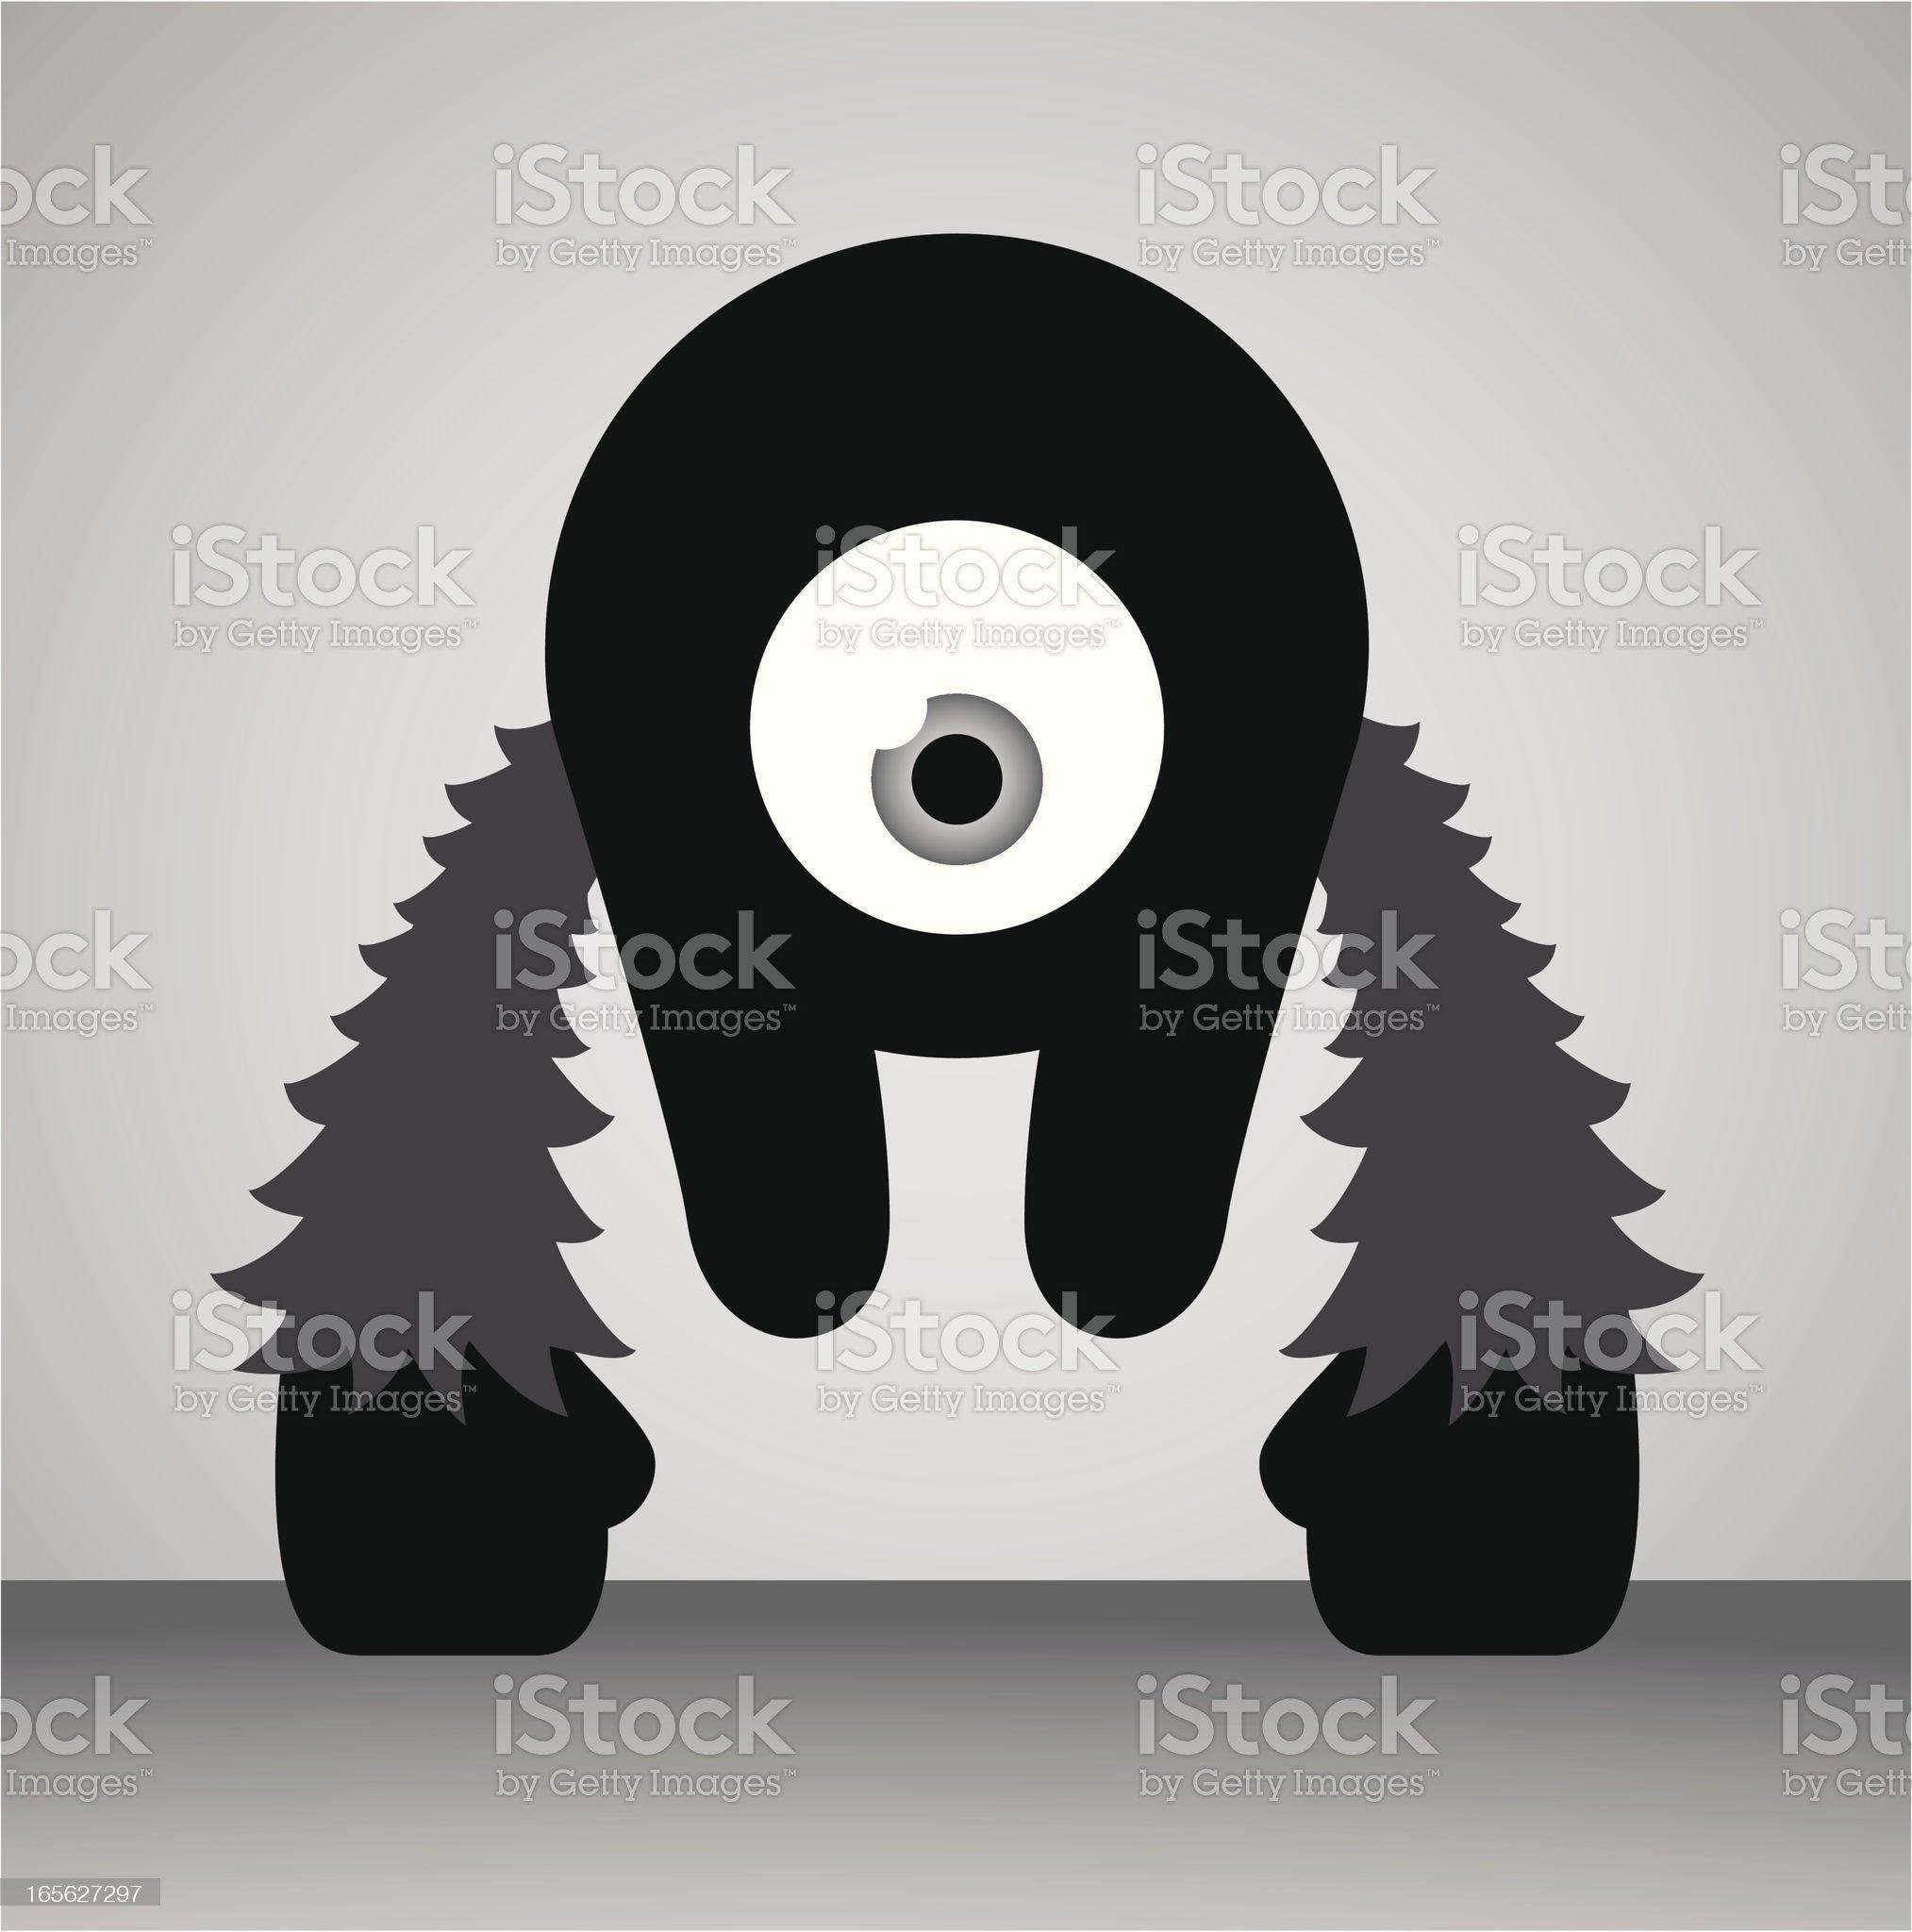 Alien Monster Character royalty-free stock vector art